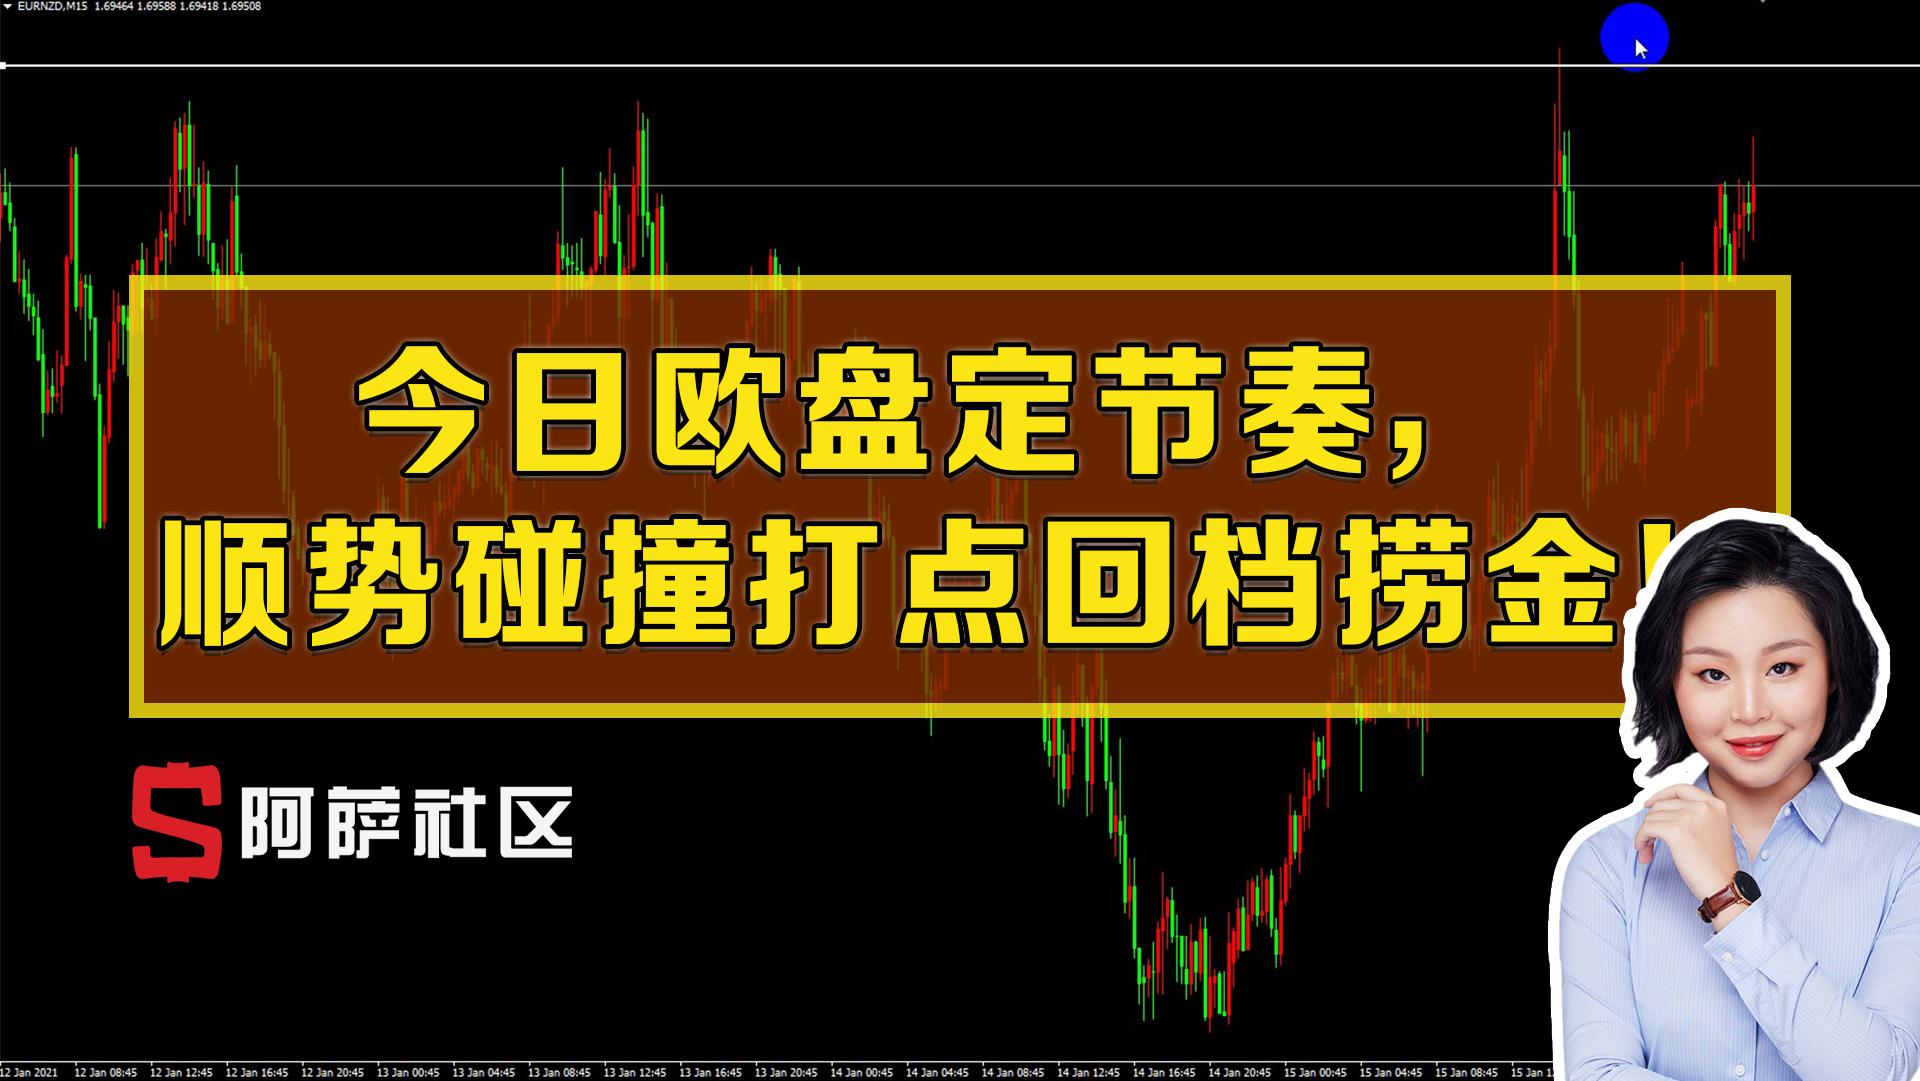 2021-4-8外汇交易,关注欧元